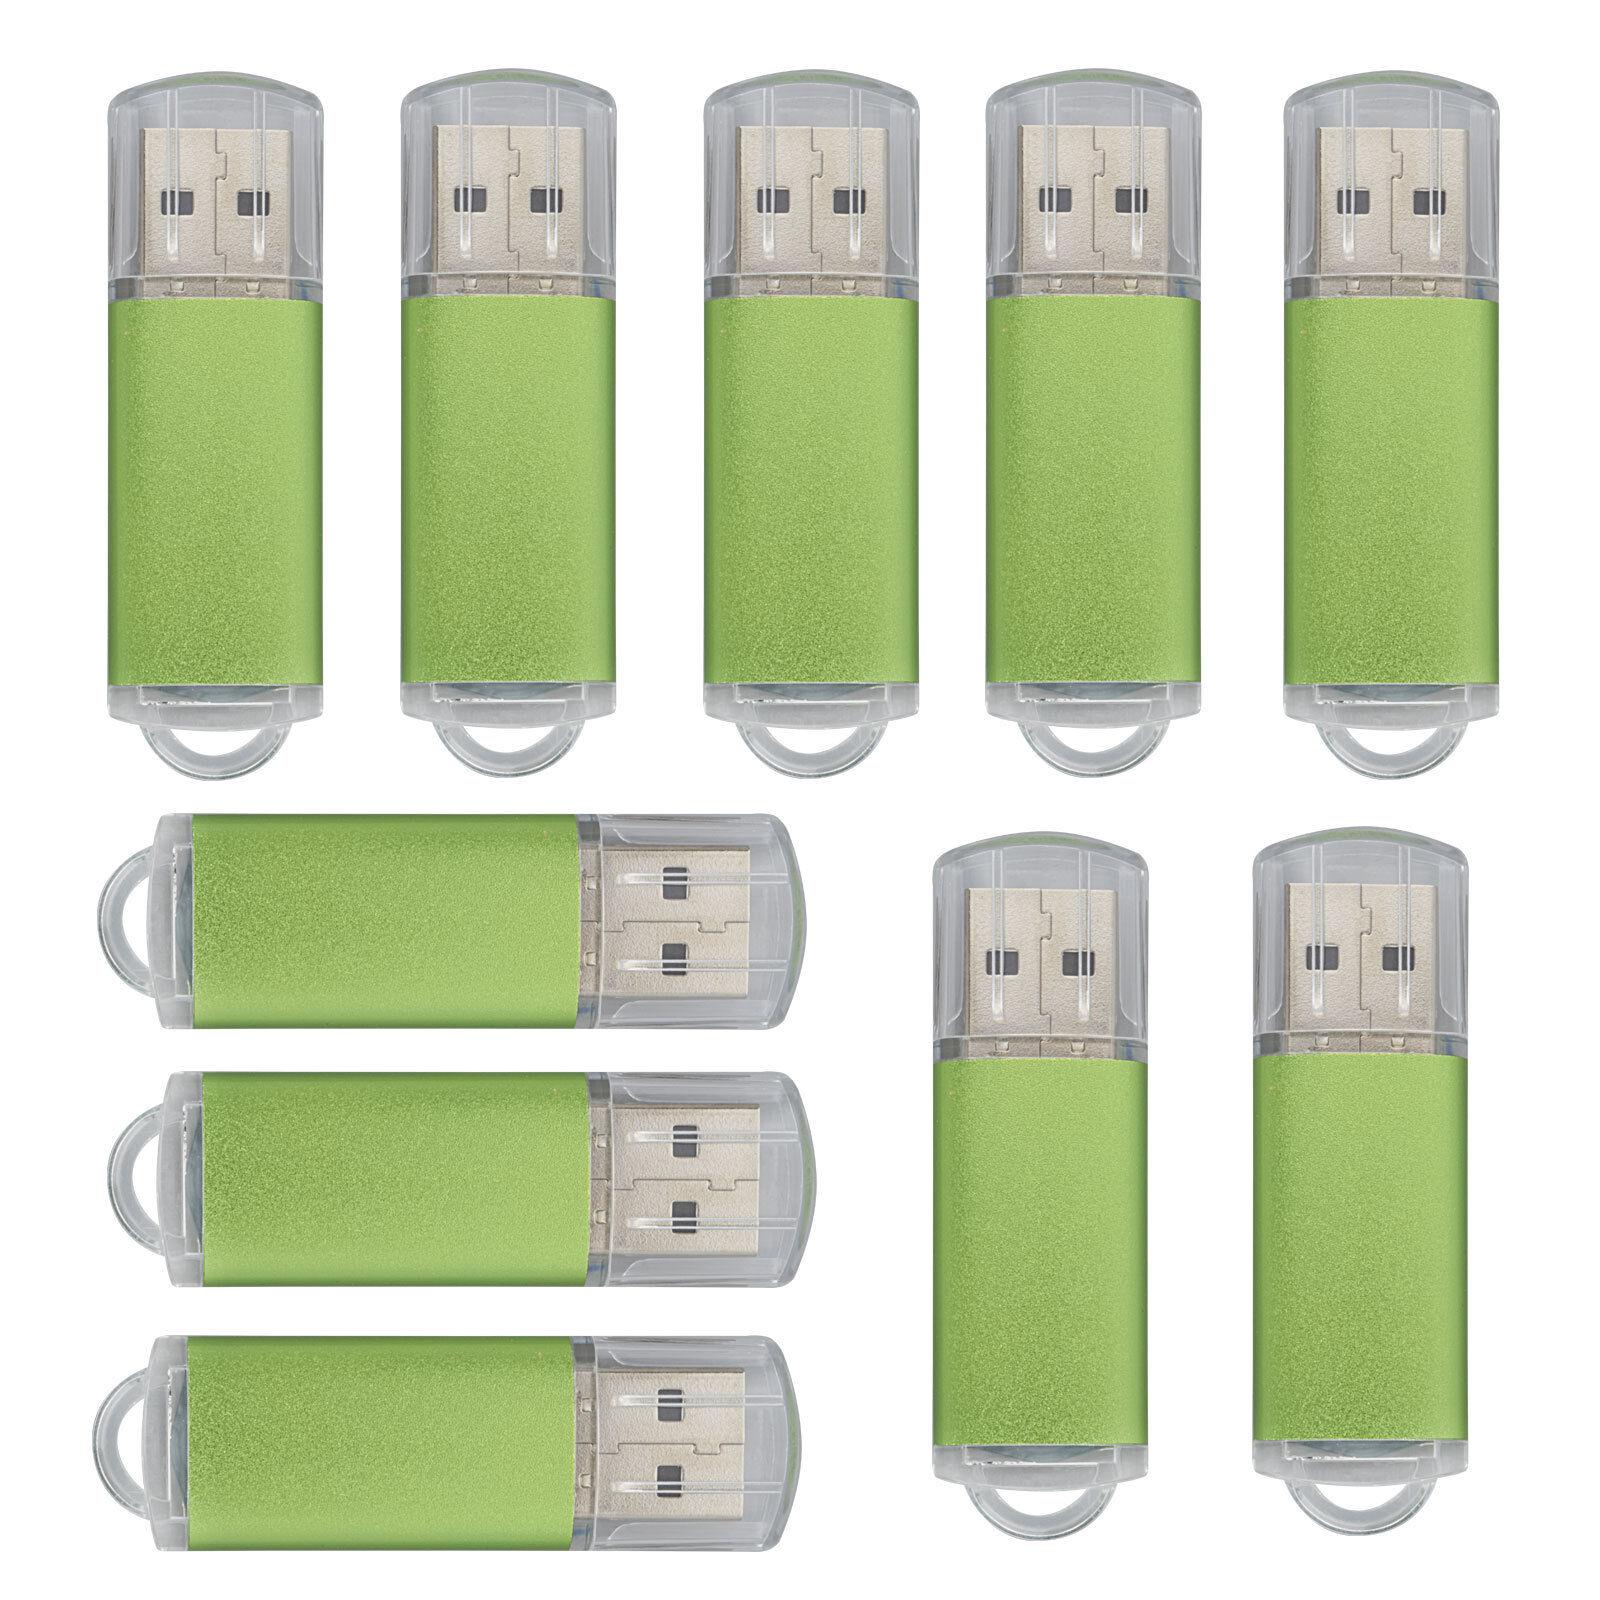 50PCS//LOT 4GB USB 2.0 Flash Drive Rectangle Thumb Pen Drives Flash Memory Sticks